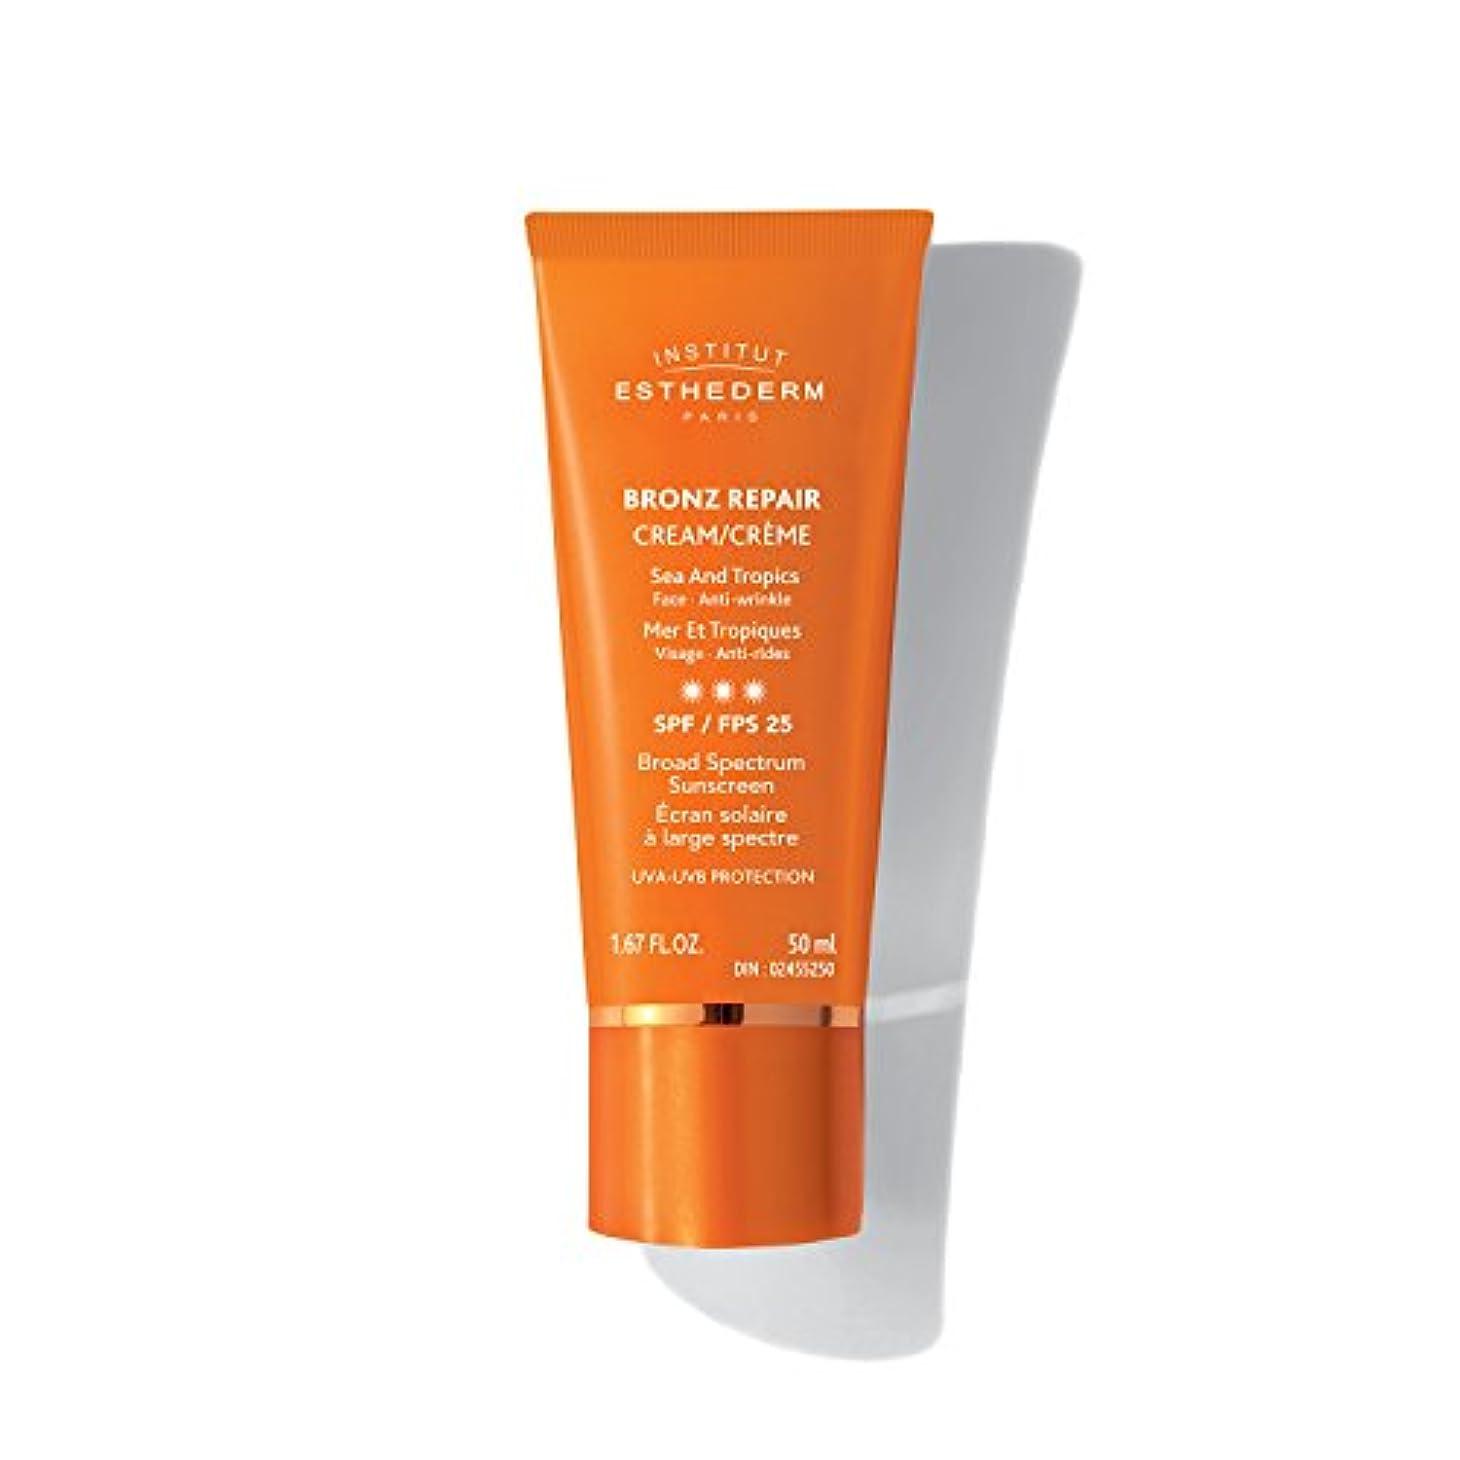 気がついてたるみ傑作Institut Esthederm Bronz Repair Protective Anti-wrinkle And Firming Face Care Strong Sun 50ml